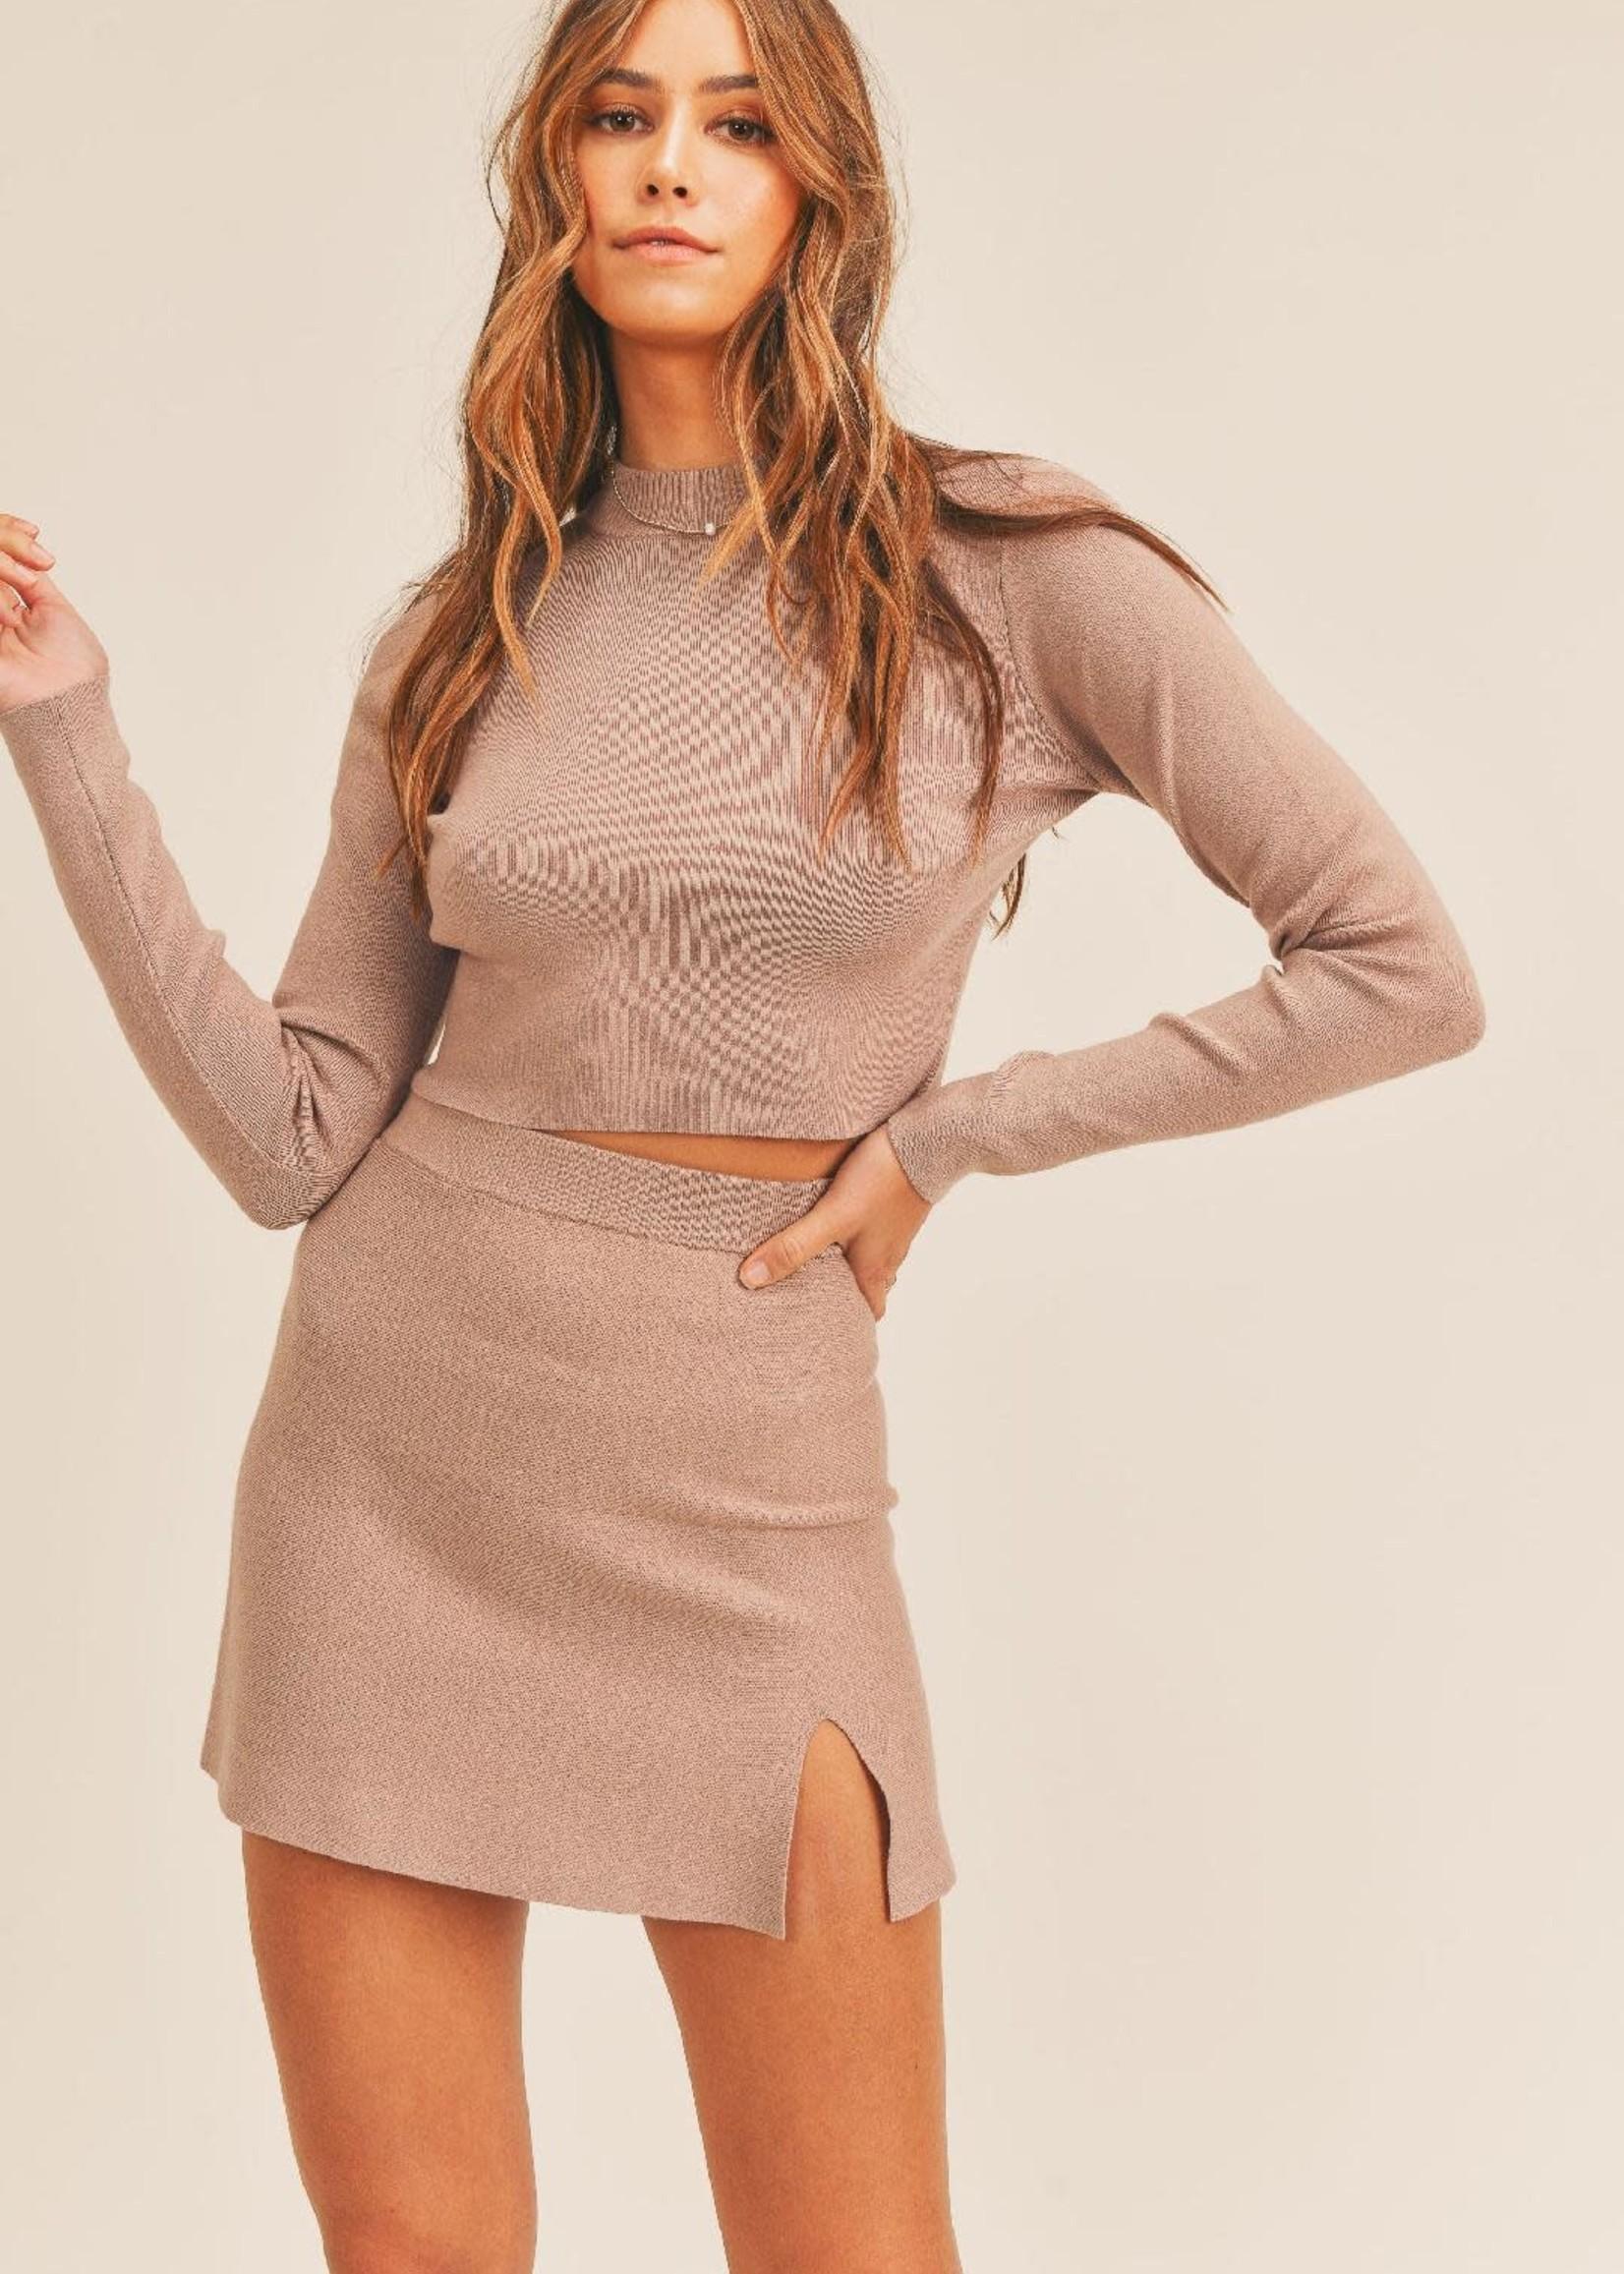 Mocha Latte Sweater